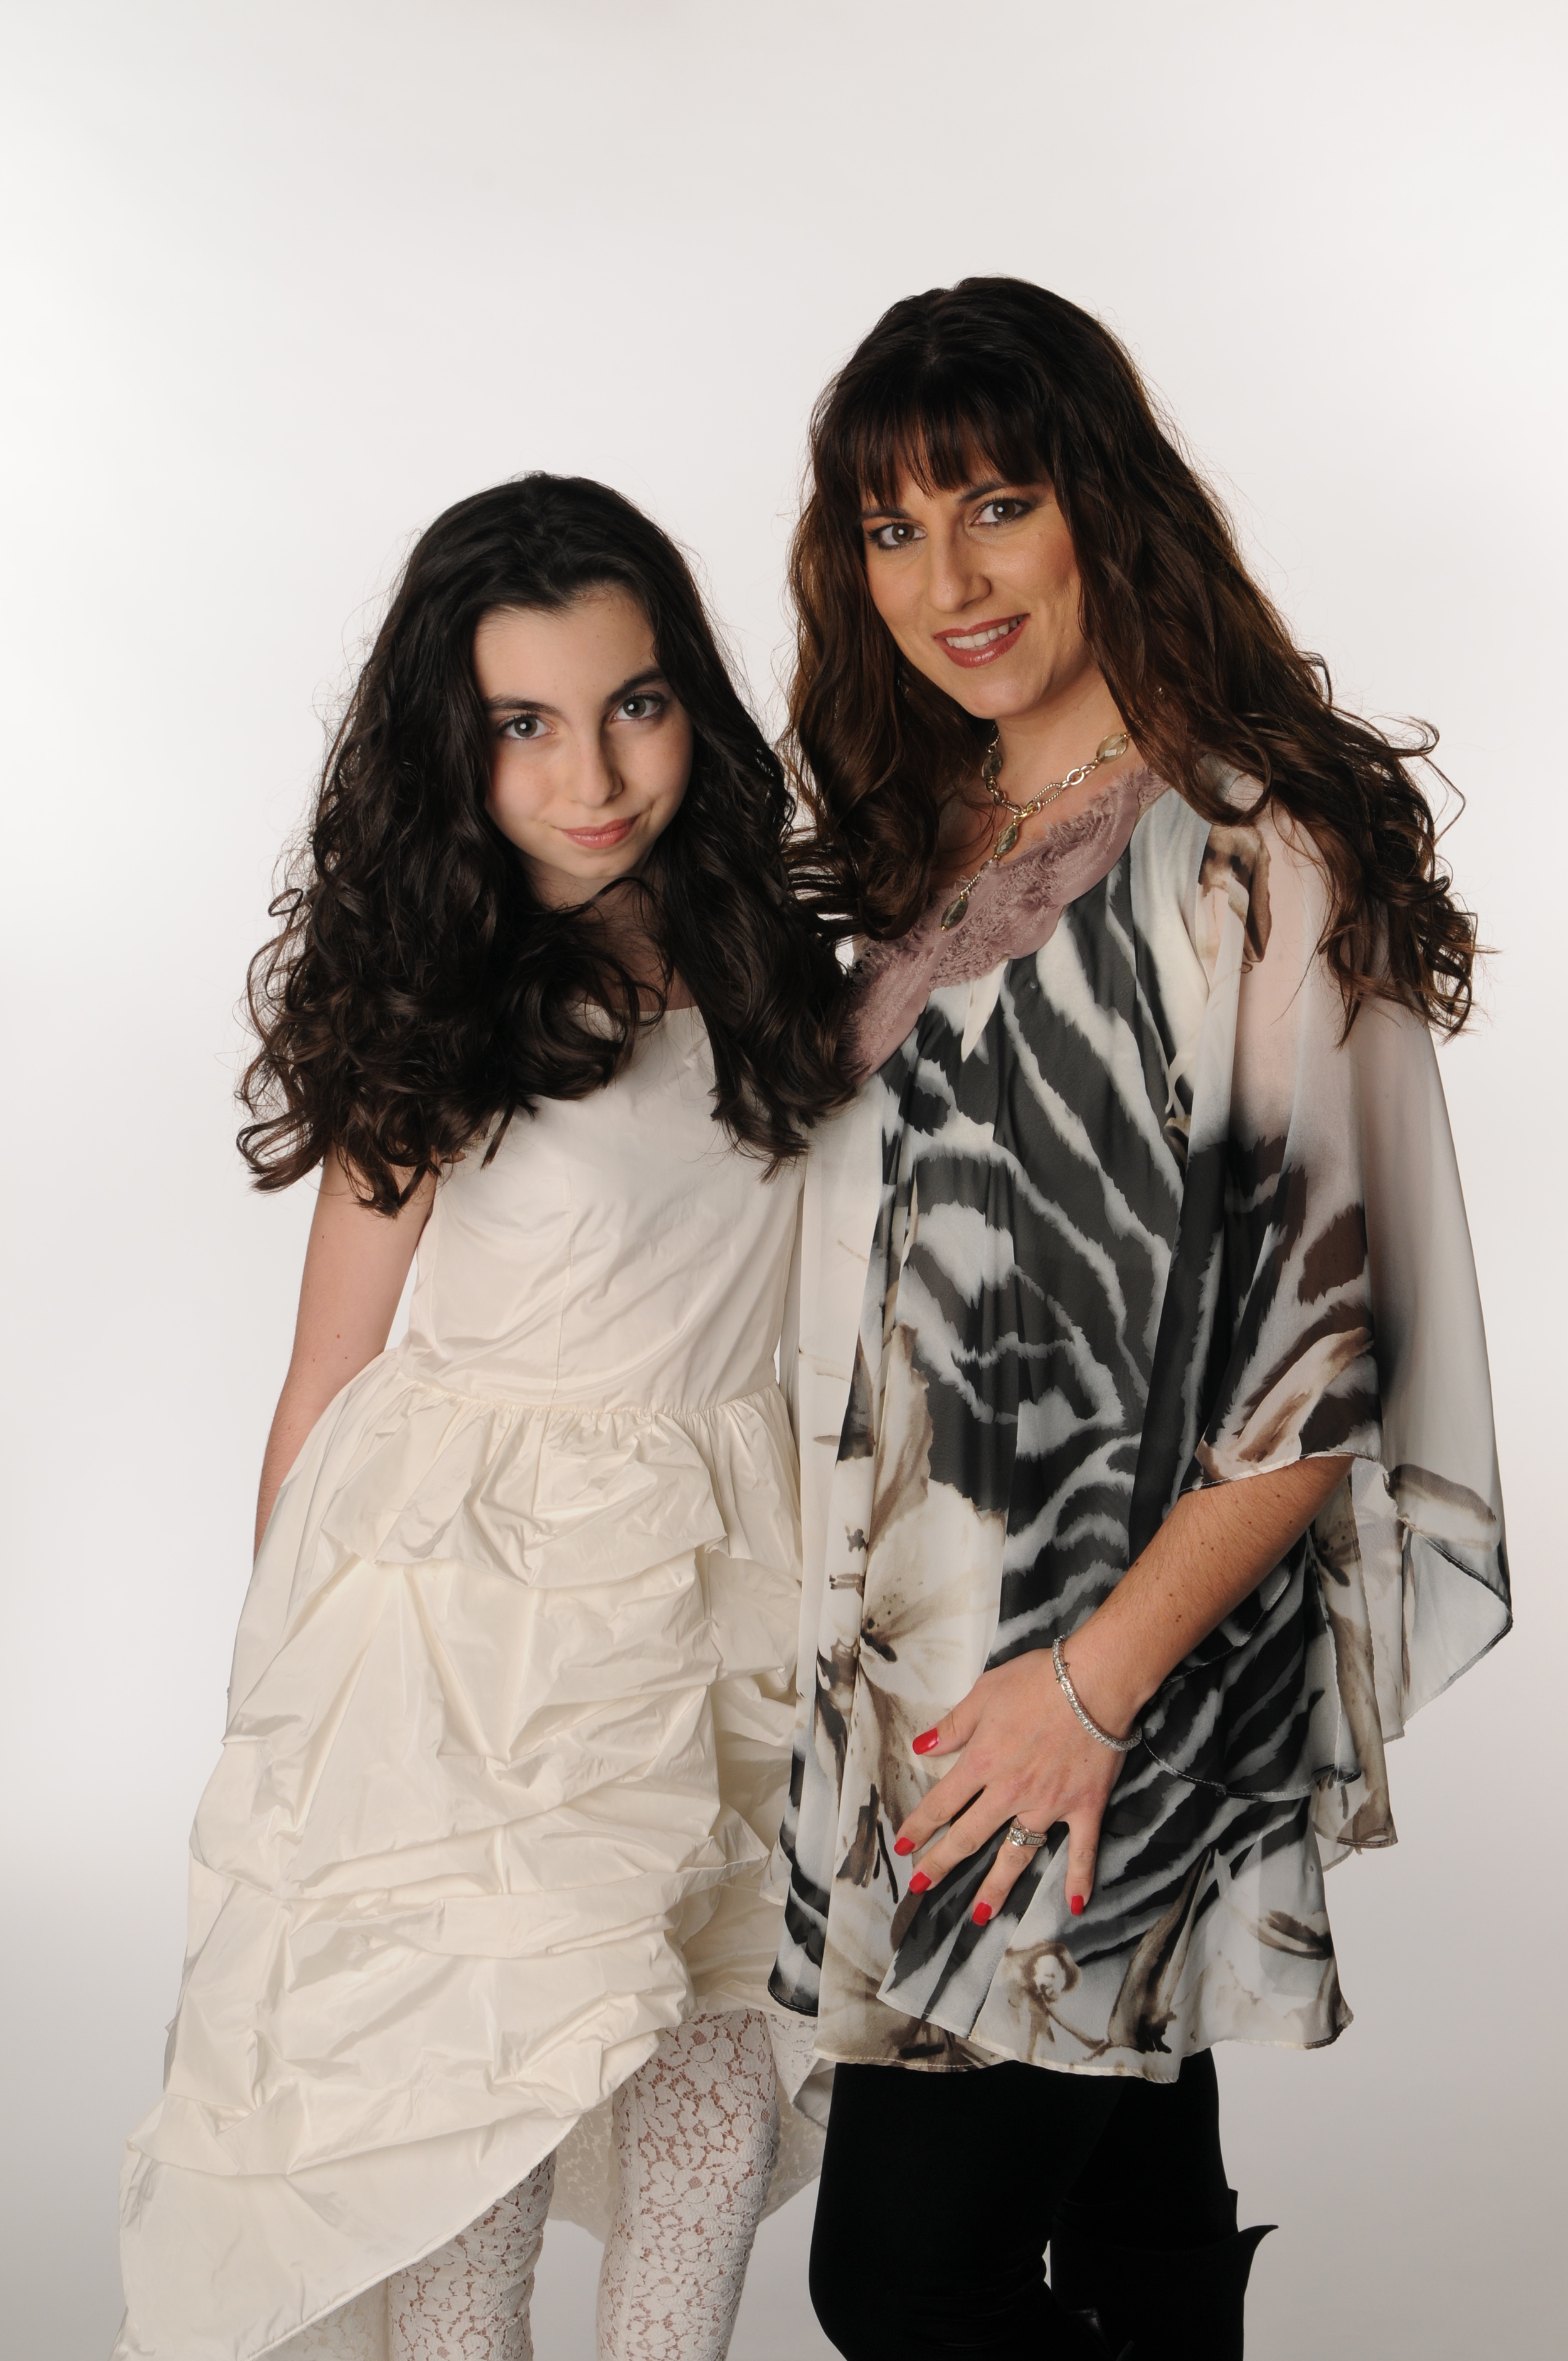 Vara and Emilia